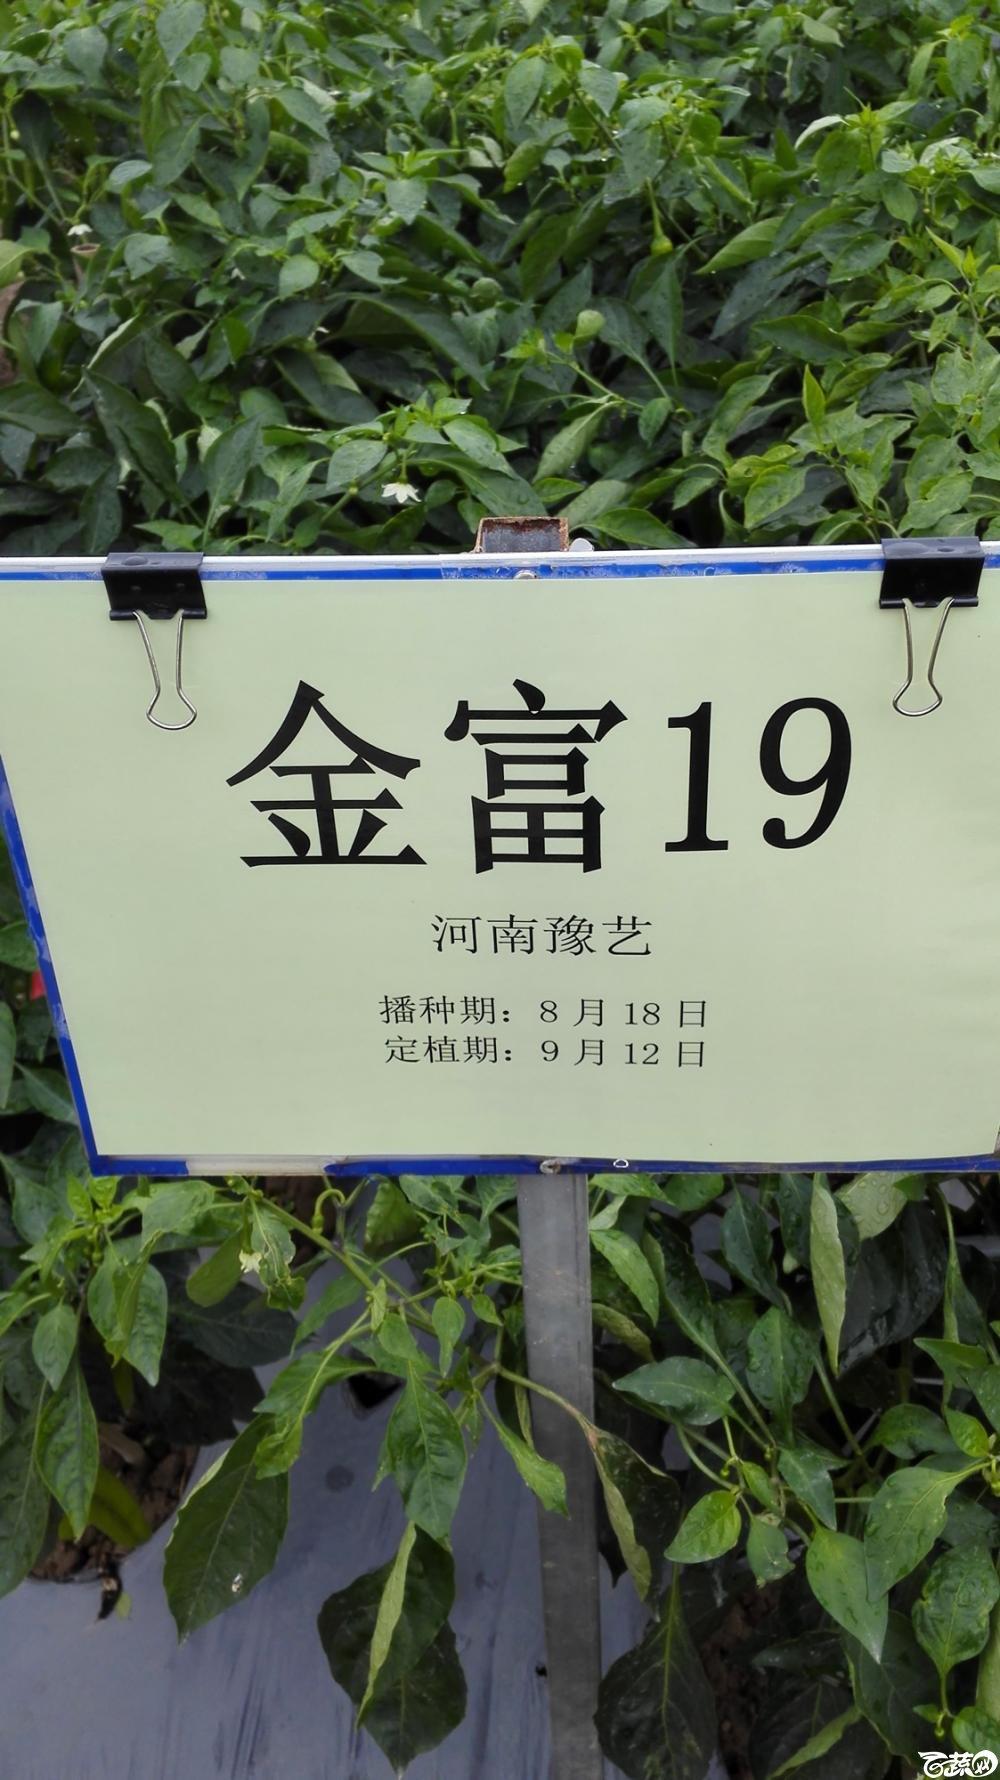 2014年12月8号中山蔬菜新品种展示会_辣椒_041.jpg